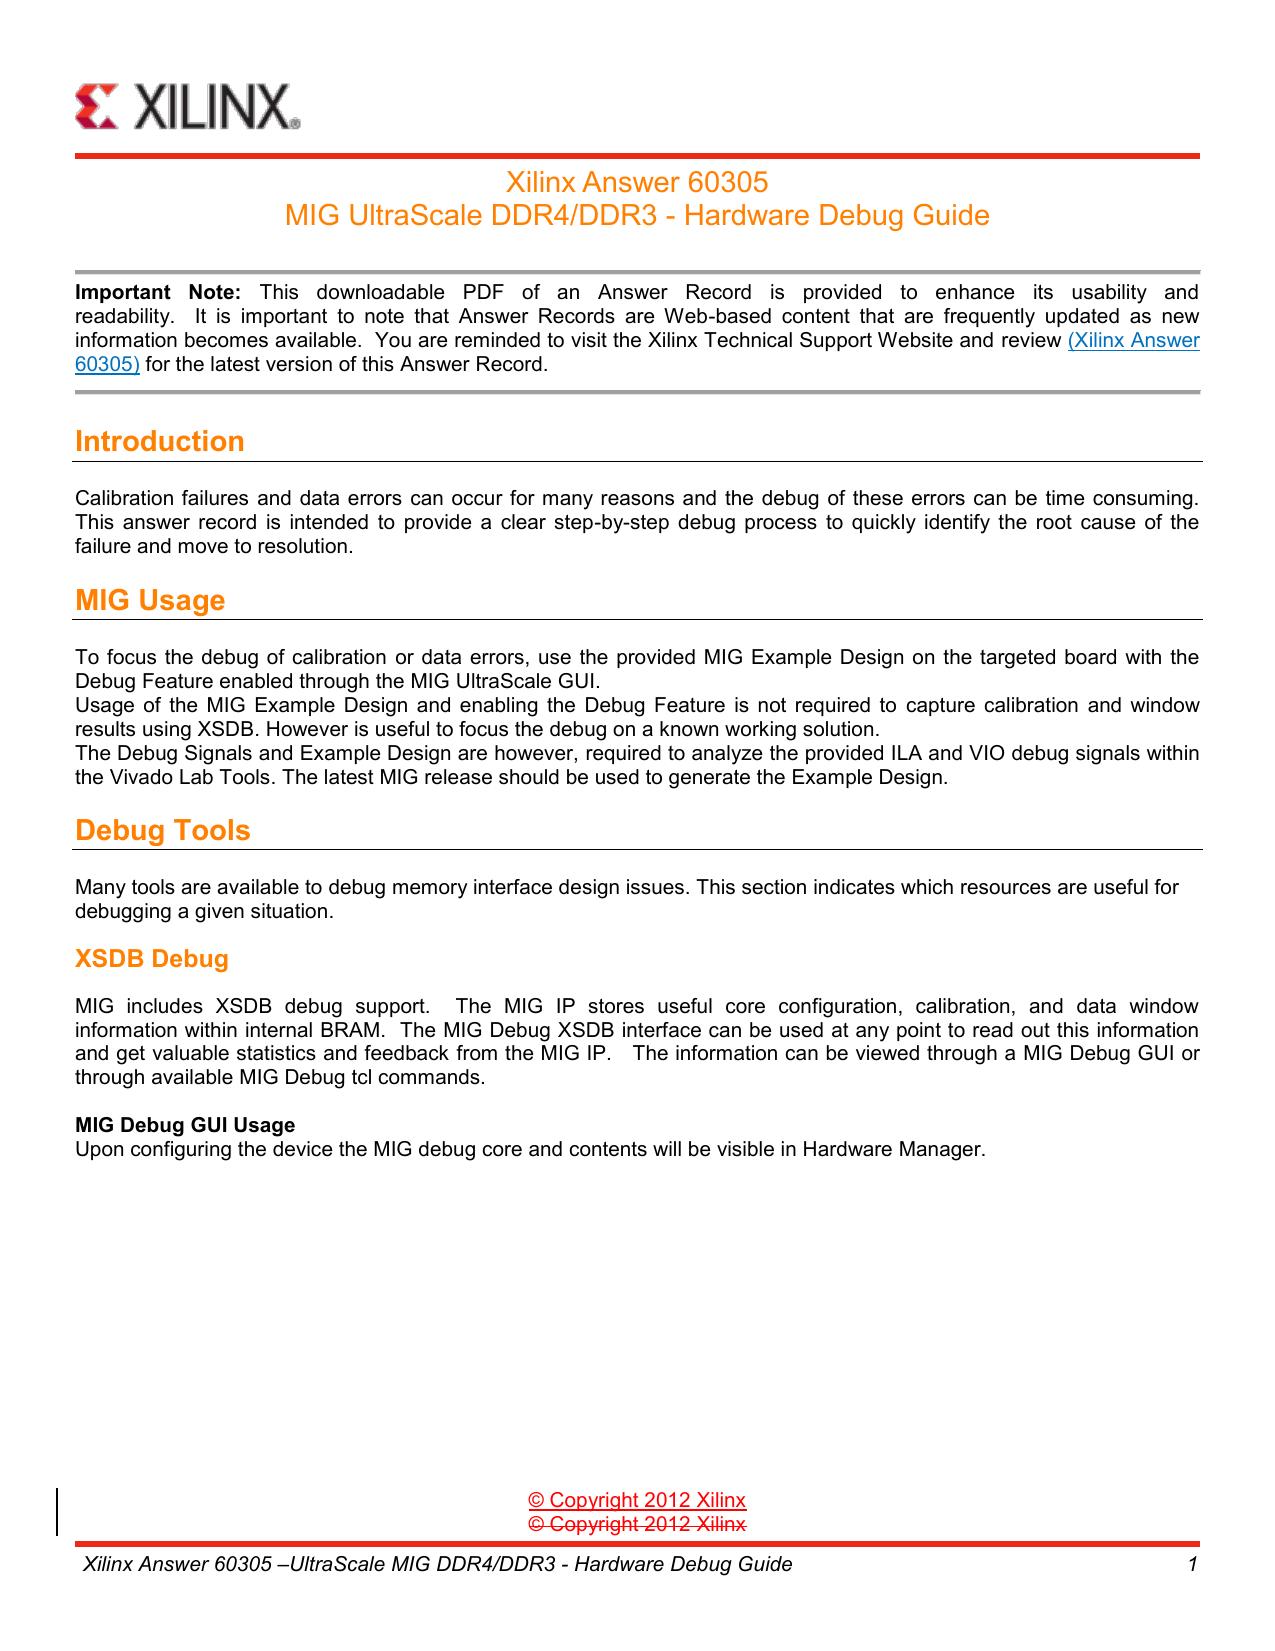 UltraScale MIG DDR4/DDR3 - Hardware Debug Guide (AR60305